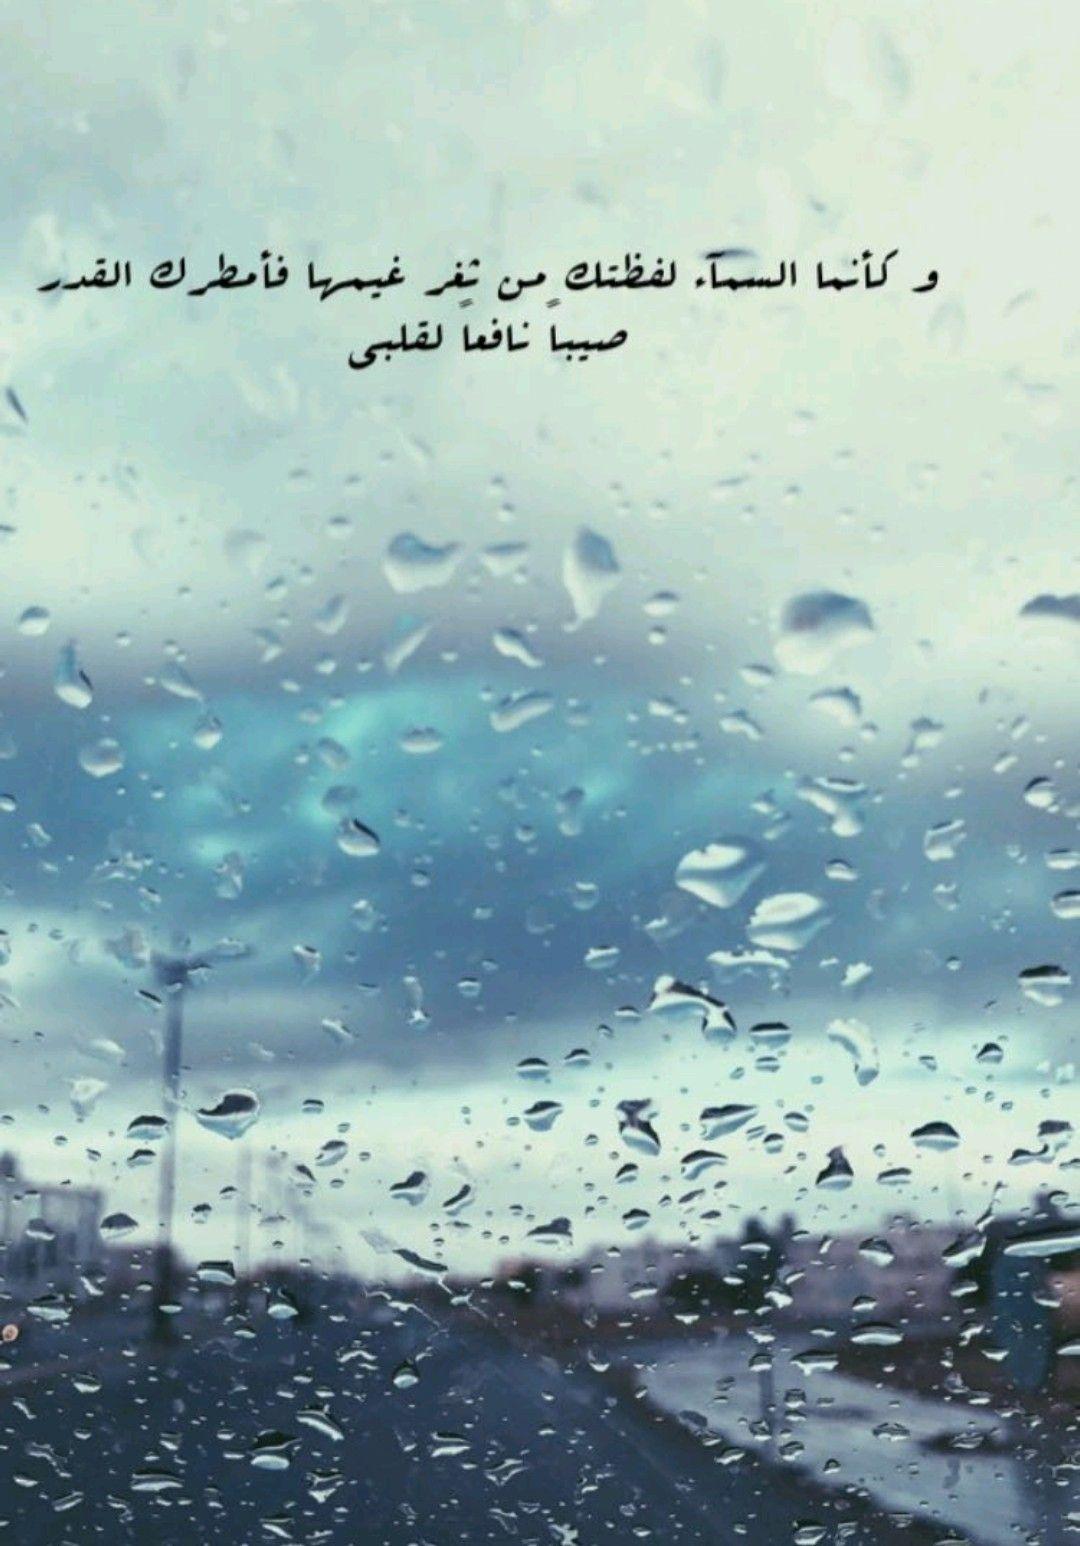 يارب بحق المطر حقق أمنياتنا جميعه و اغسل قلوبنا Rain Quotes Picture Quotes Rainbow Art